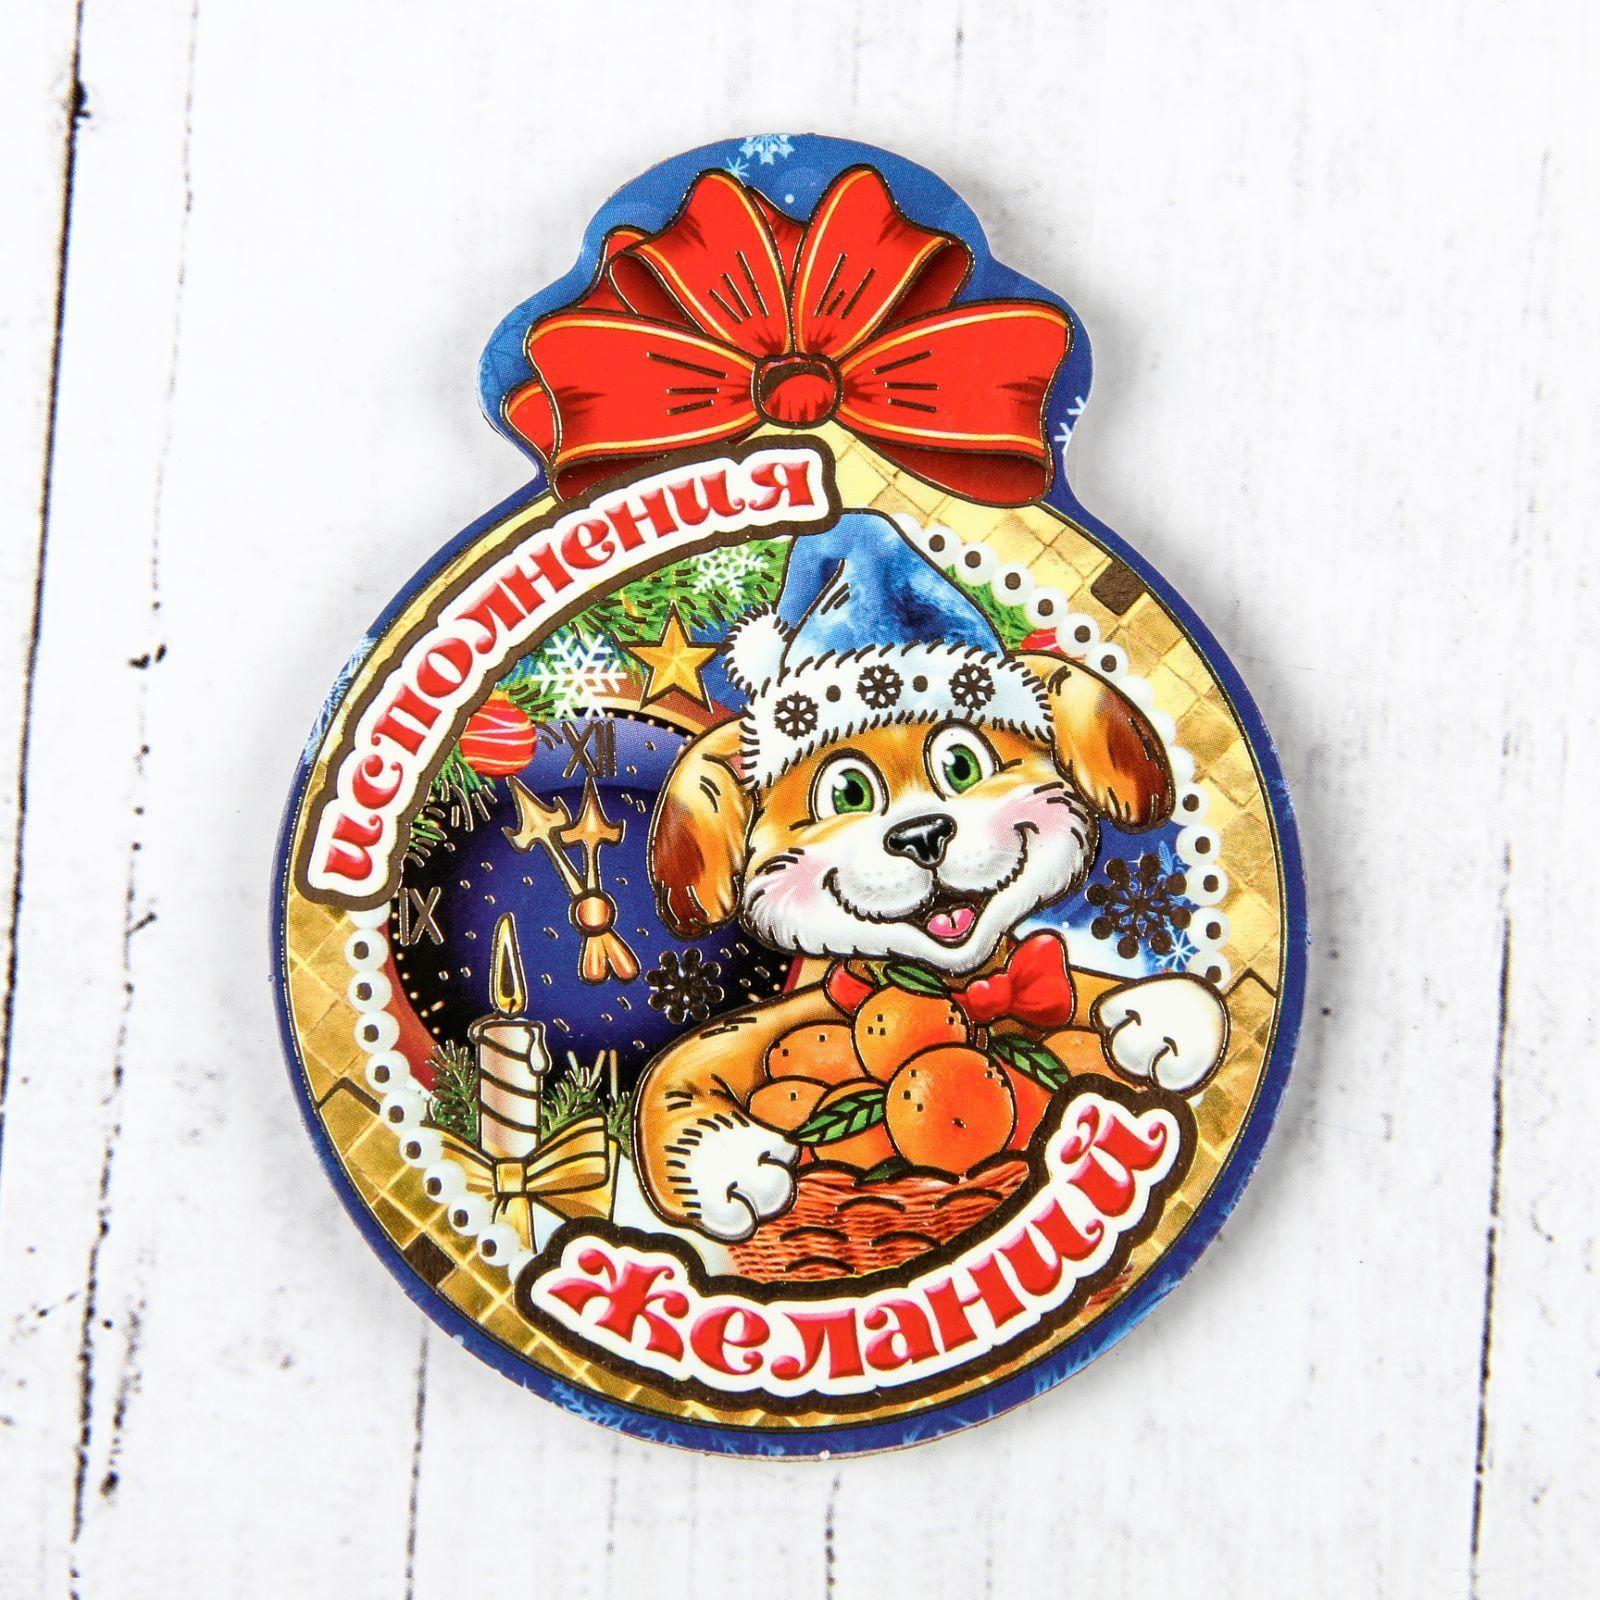 Магнит Sima-land Новогодний. 2018, 9,5 х7,5 см. 25323792532379Порадуйте родных и близких оригинальным сувениром: преподнесите в подарок магнит. С ним даже самый серьёзный человек почувствует себя ребёнком, ожидающим чудо! Создайте праздничное настроение, и оно останется с вами на весь год.